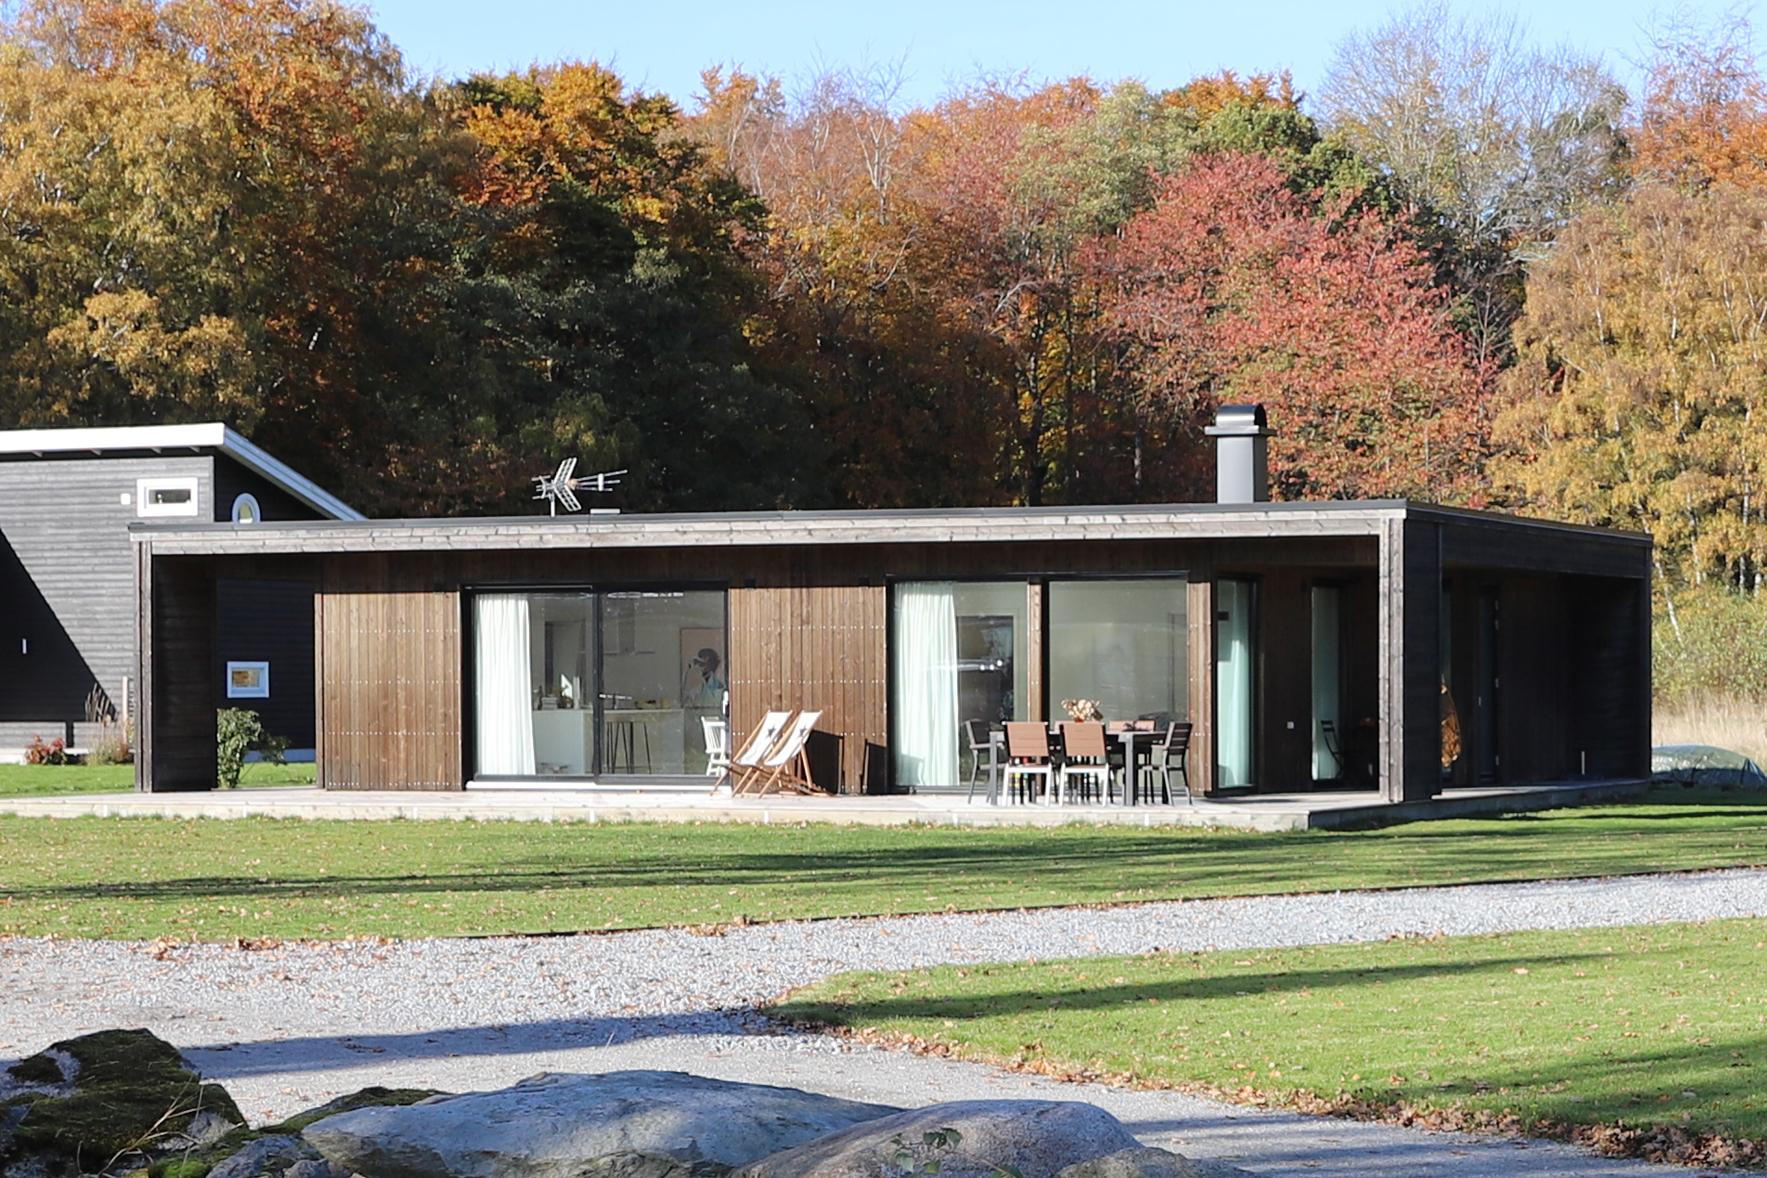 house_autumn_small.jpg